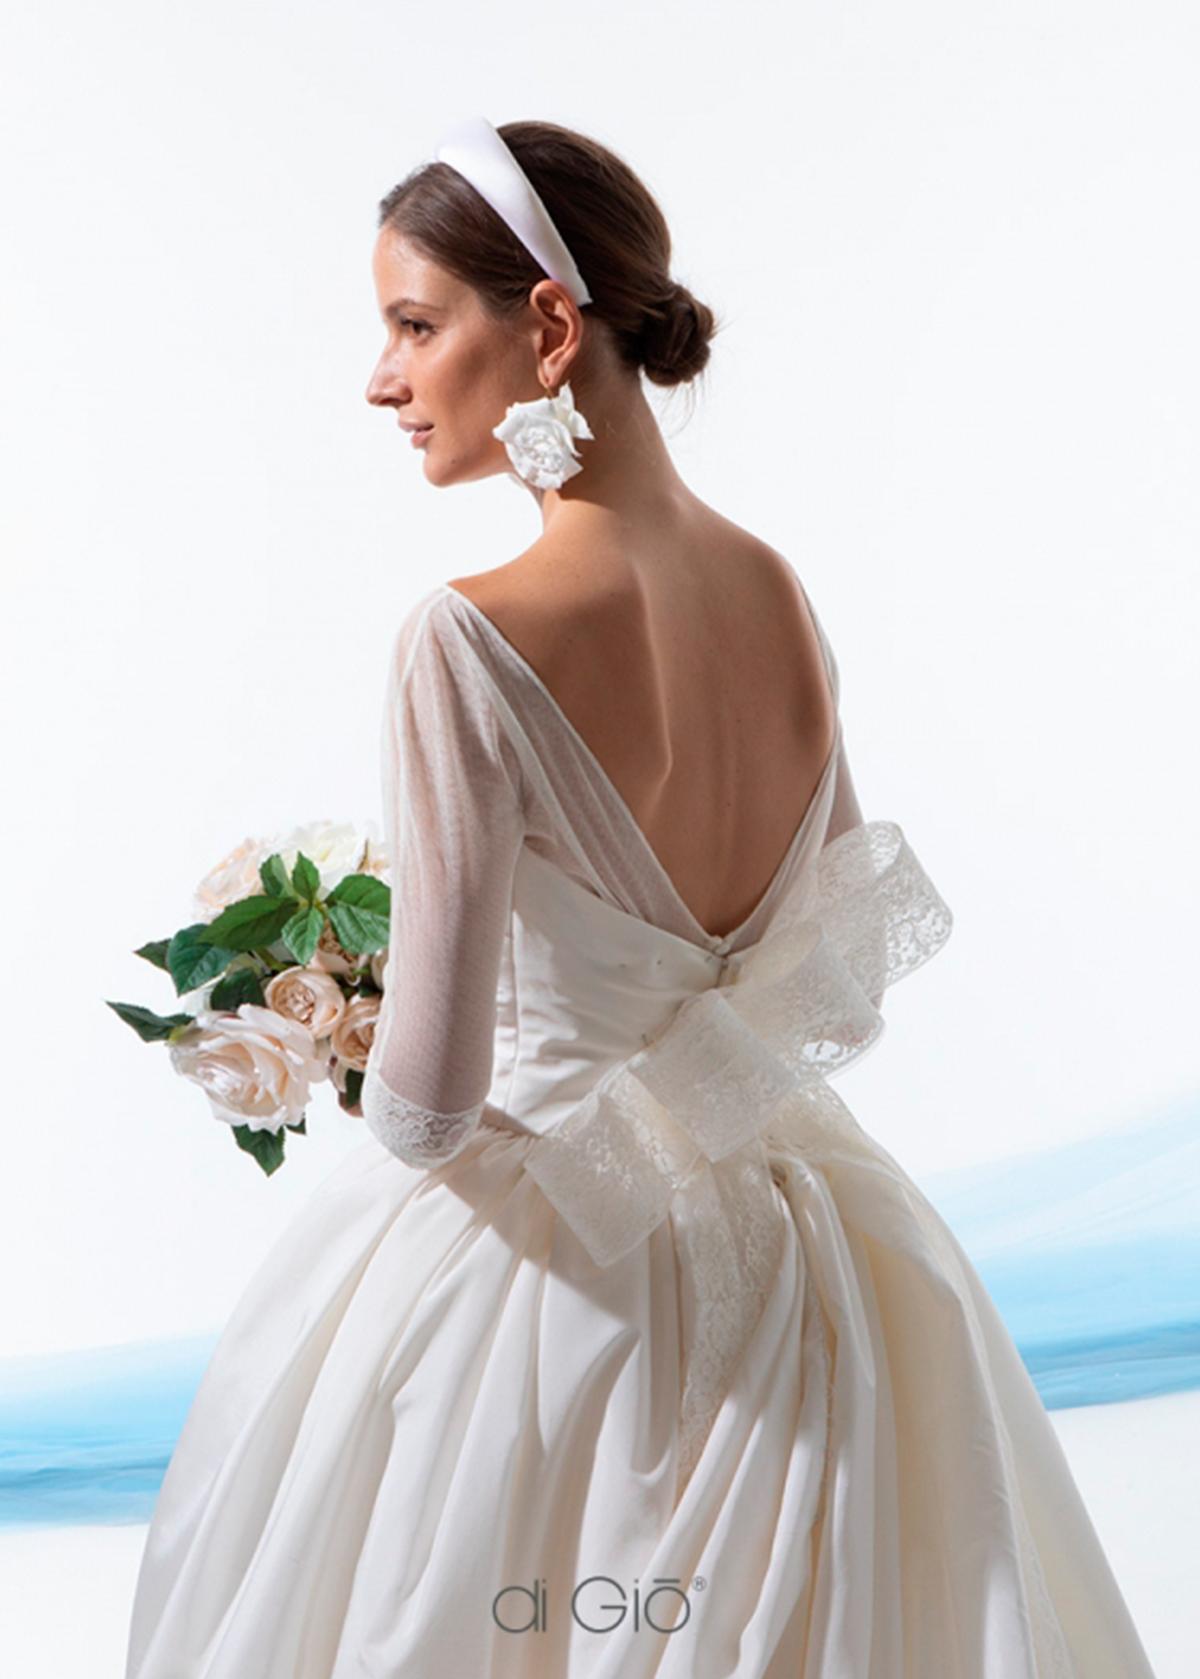 Модель 2102 от Le Spose Di Gio